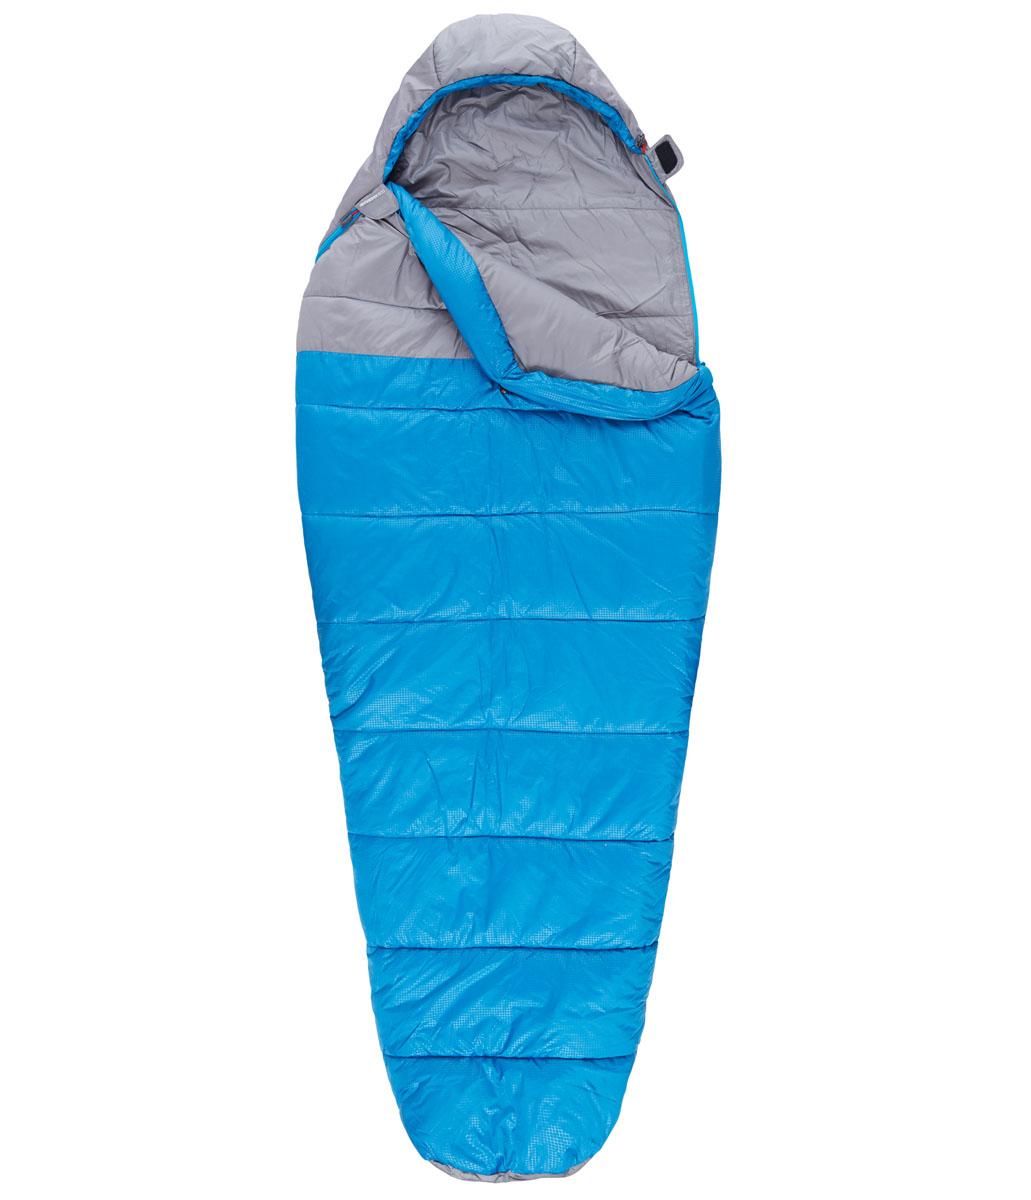 Спальный мешок The North Face Aleutian 20/-7, цвет: синий. T0A3A0M8RRH REGT0A3A0M8RRH REGCпальный мешок The North Face Aleutian 20/-7 прекрасно подойдет для путешествий, походов и рыбалки. Его можно целиком расстегнуть и расстелить в палатке. Мешок достаточно вместительный, универсальный, теплый и комфортный. Наружный и внешний слой выполнены из полиэстера. Он имеет:- капюшон,- внутренний карман,- отделение под подушку,- защита от закусывания молнии, - тепловой воротник,- тепловой валик молнии, - петли для сушки.